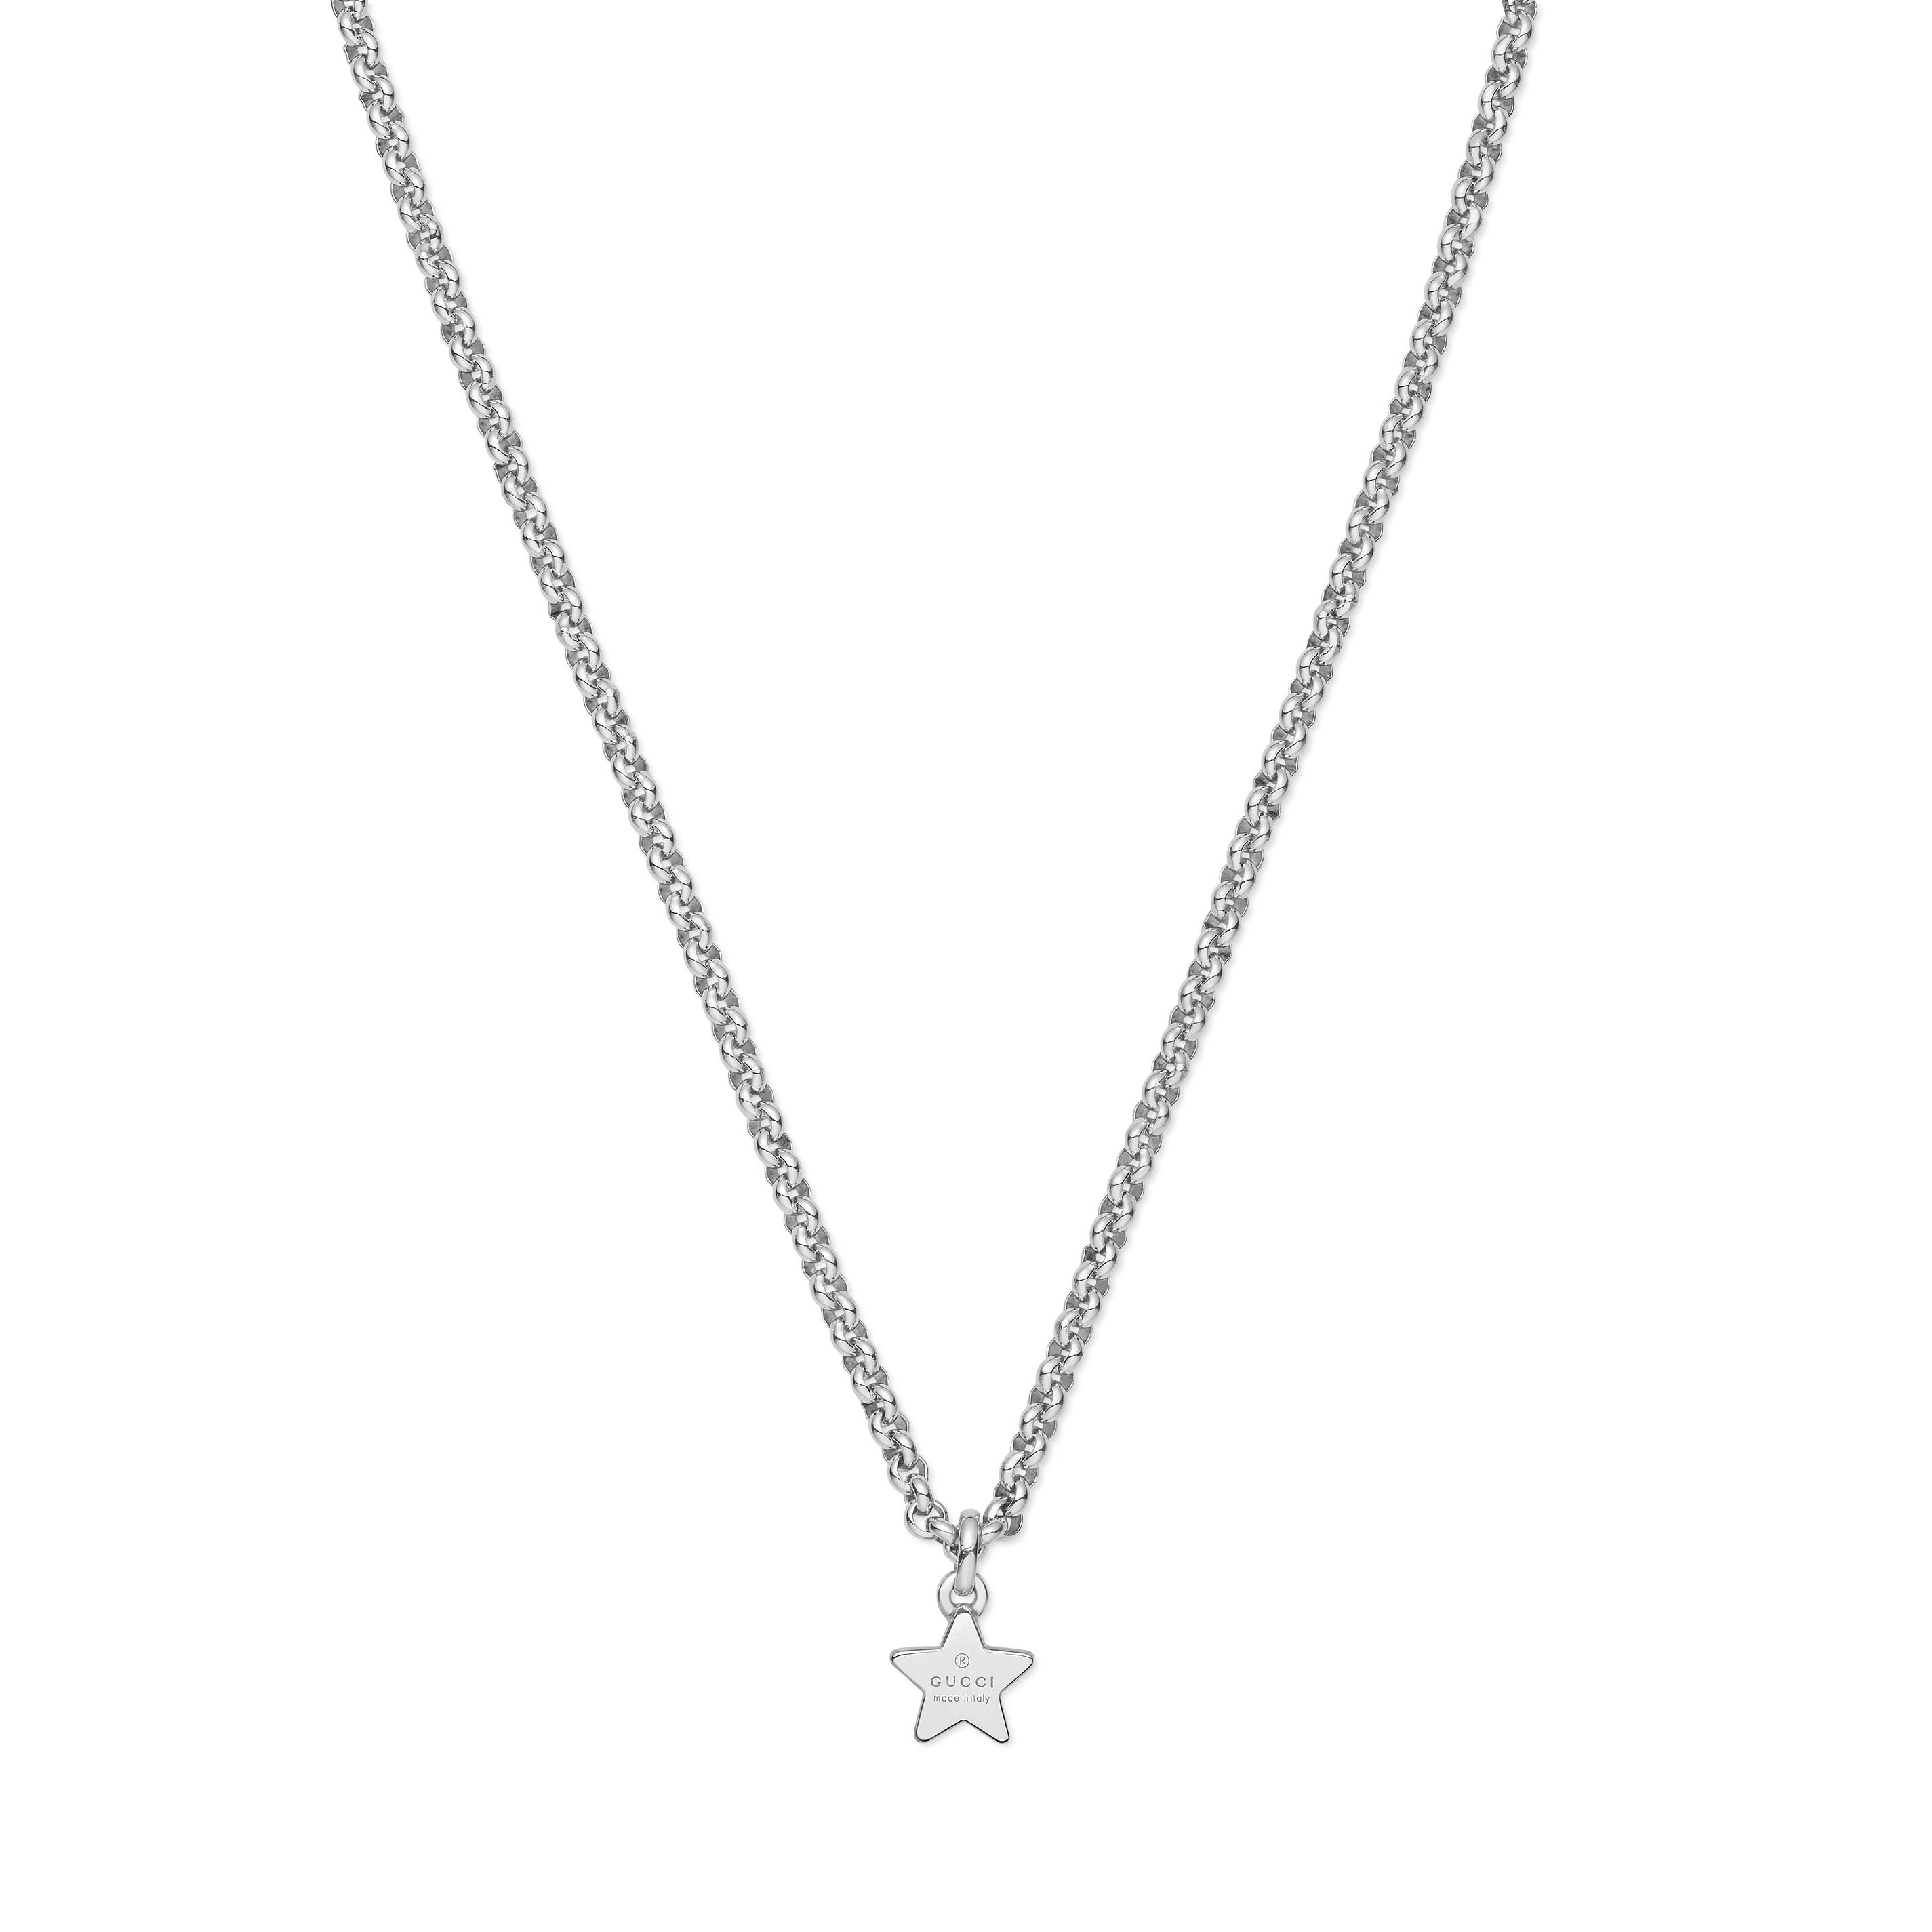 e7a914d69 Home / Gioielli / Collane / Gucci collana trademark stella in argento